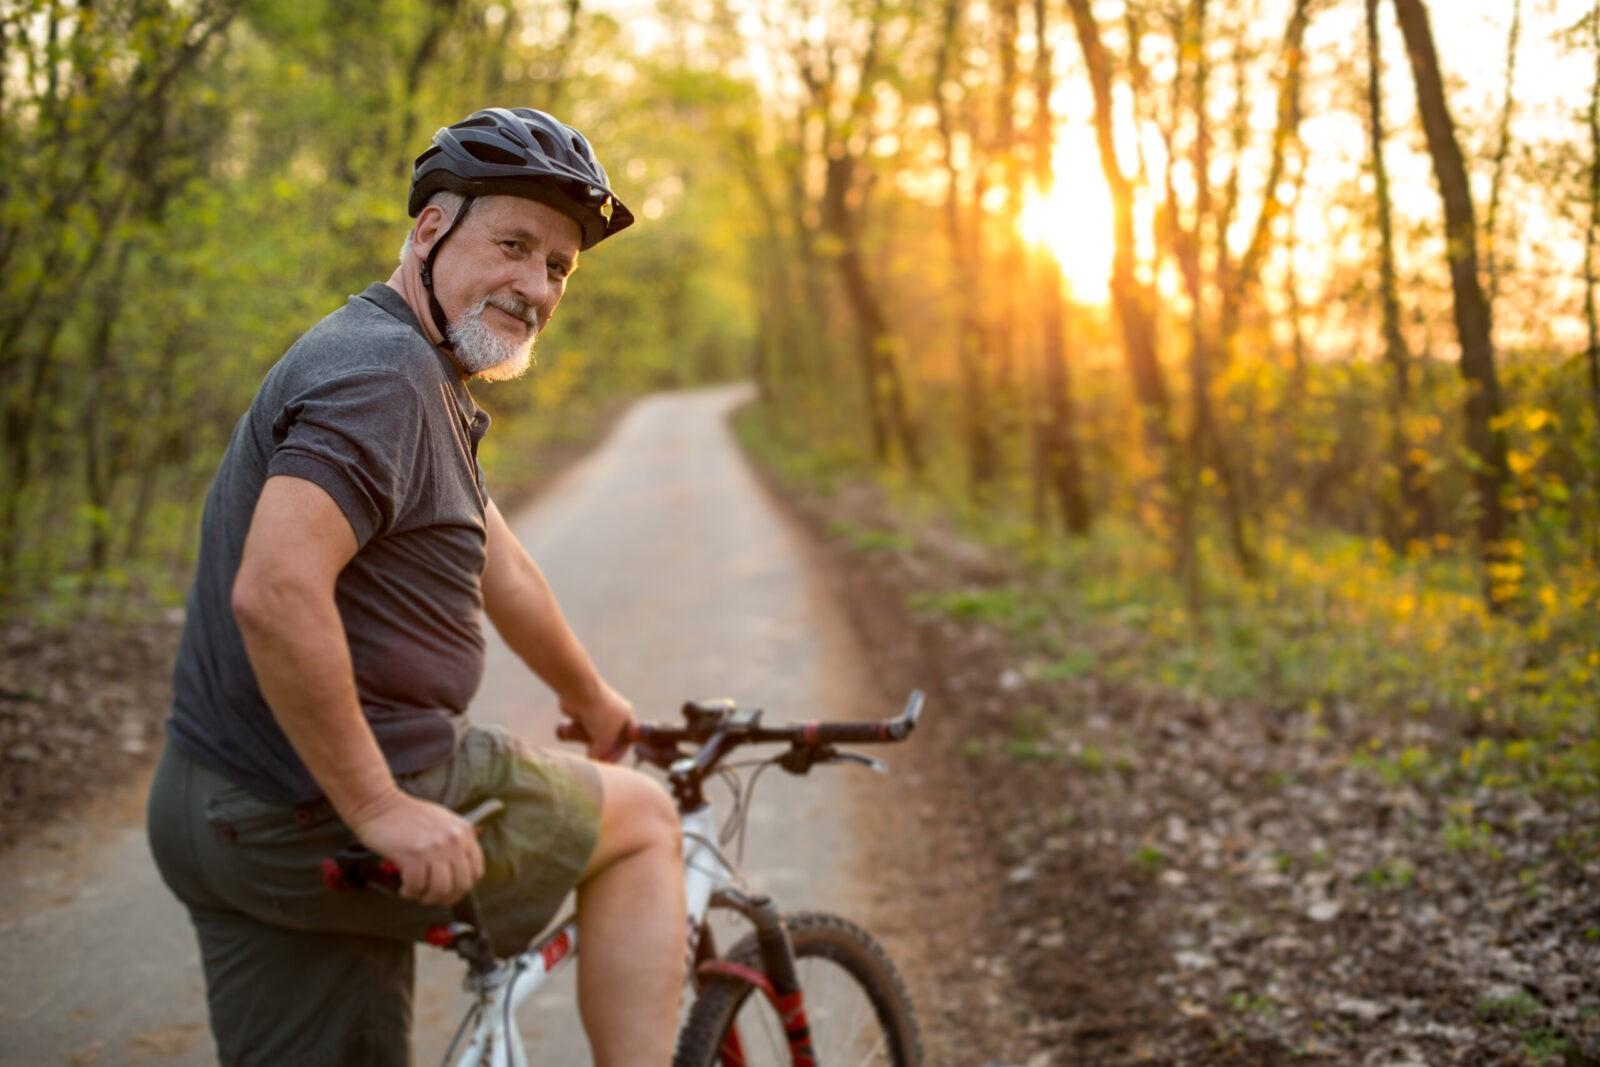 Ciclismo para fortalecer músculos